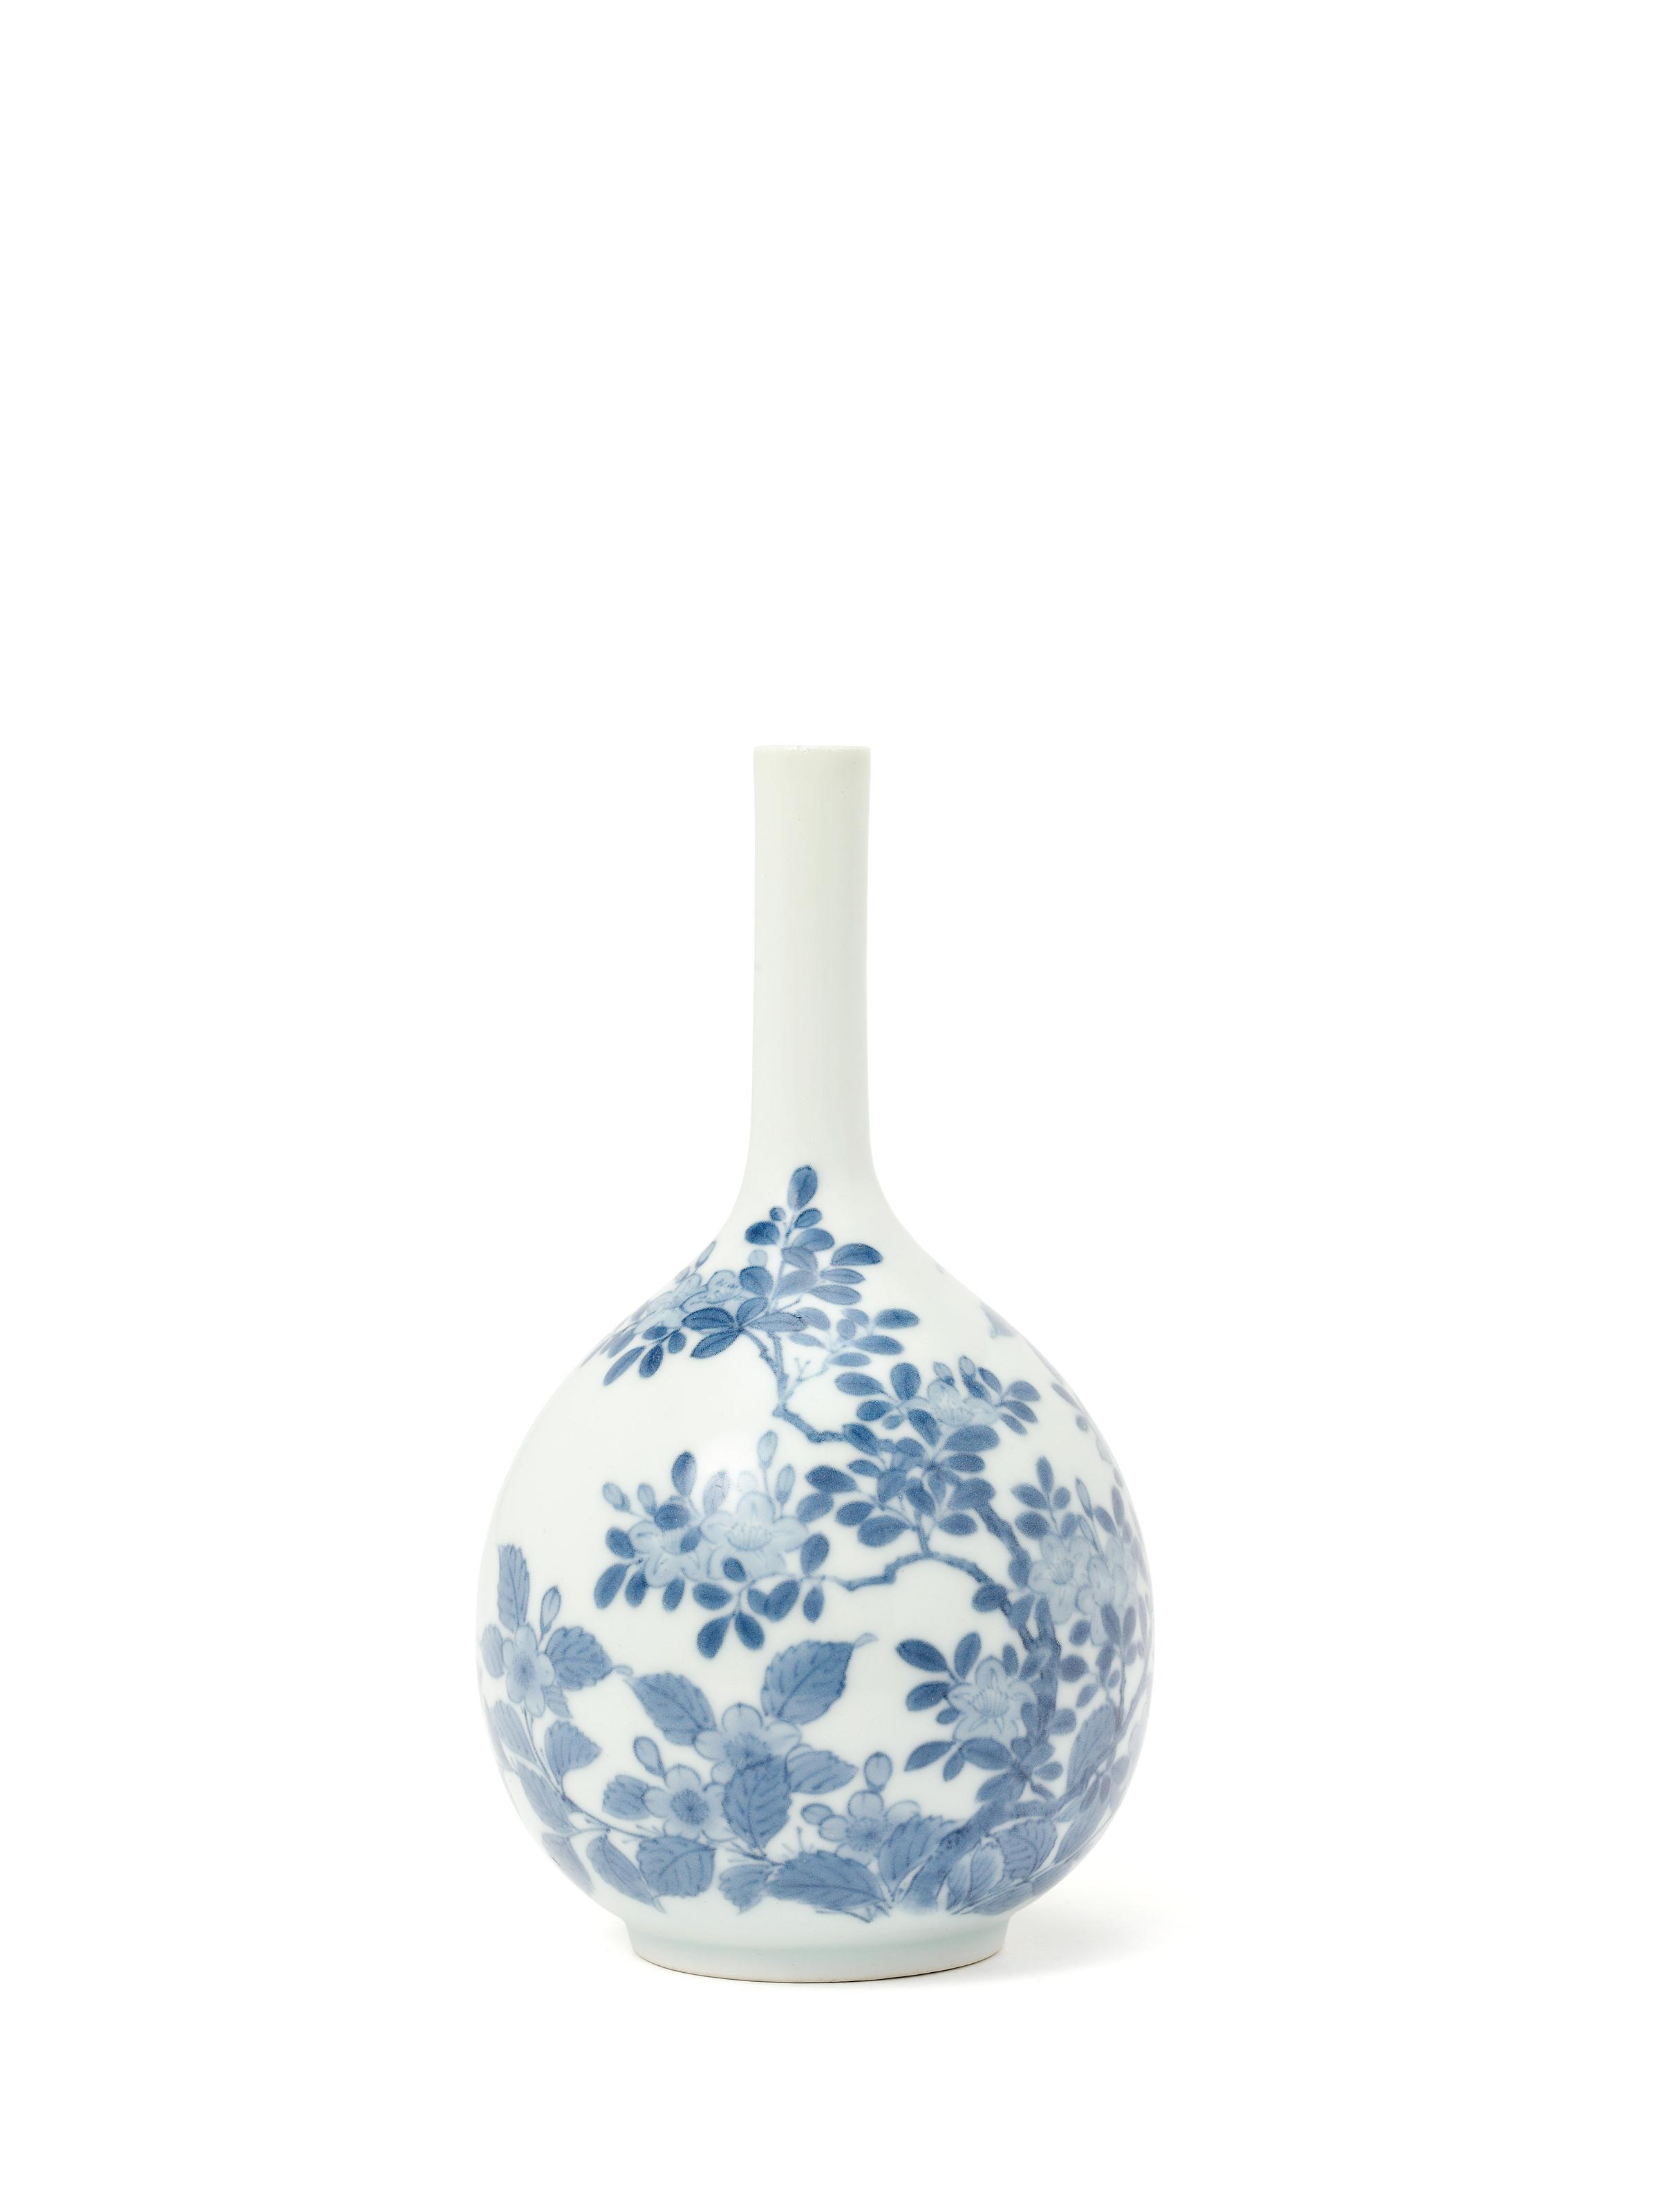 A Nabeshima Tokkuri [Sake Bottle]